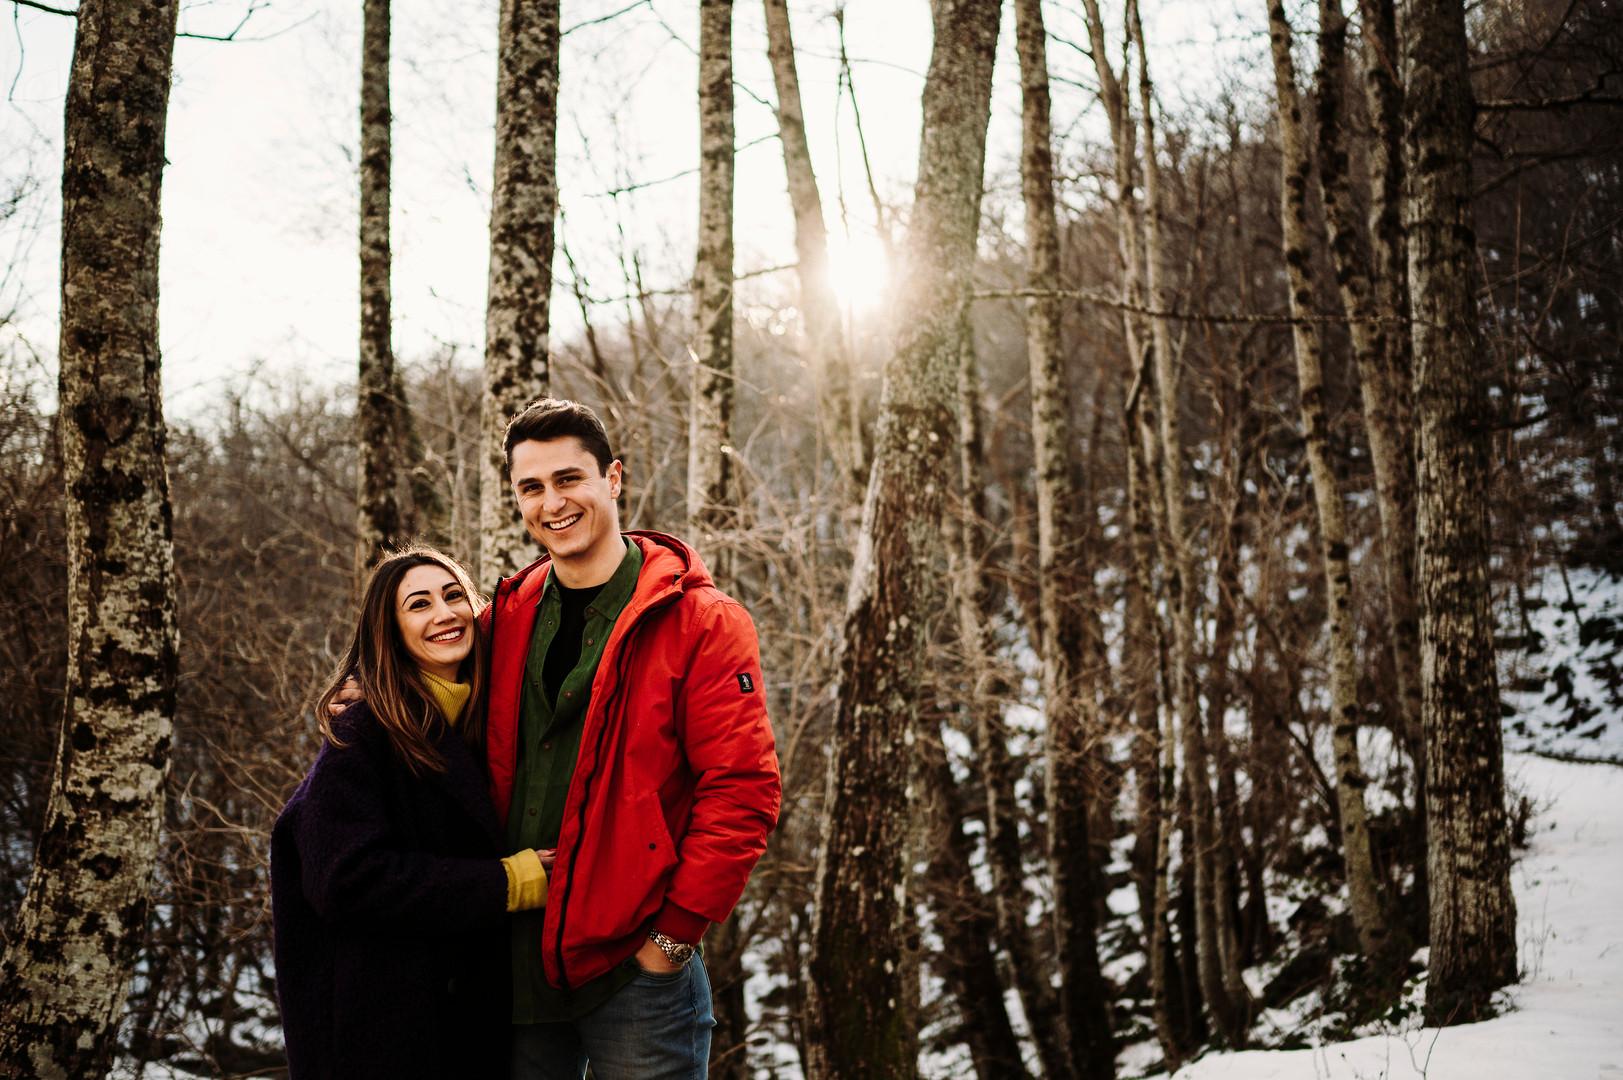 servizio fotografico nella neve7.jpg